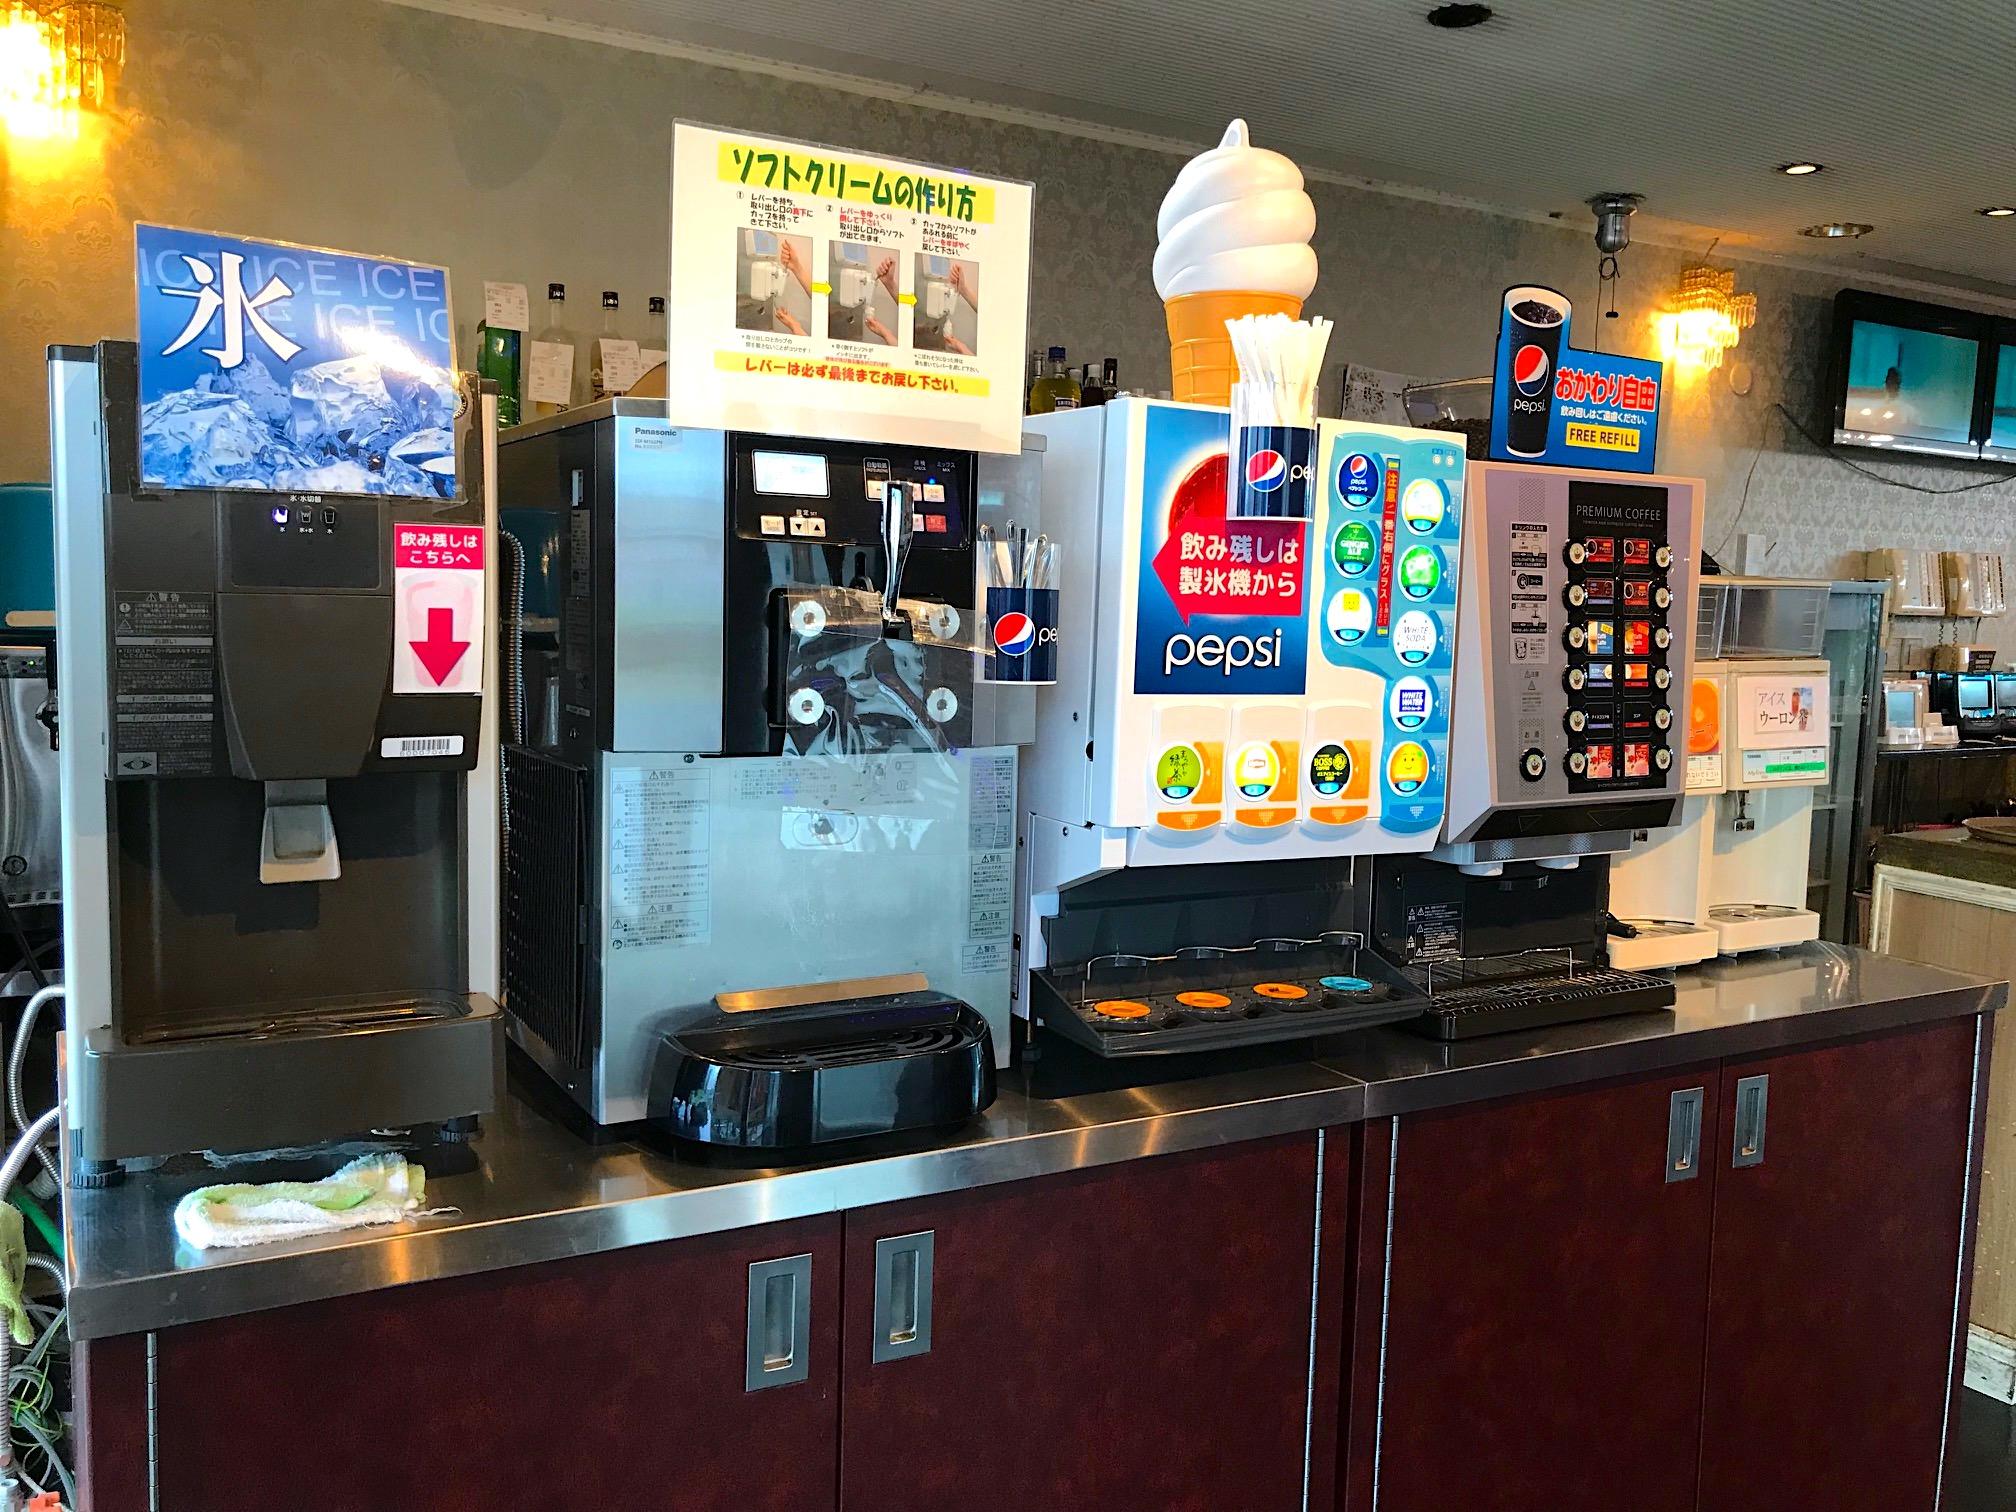 ドリンクバーにはソフトクリーム食べ放題も含まれます